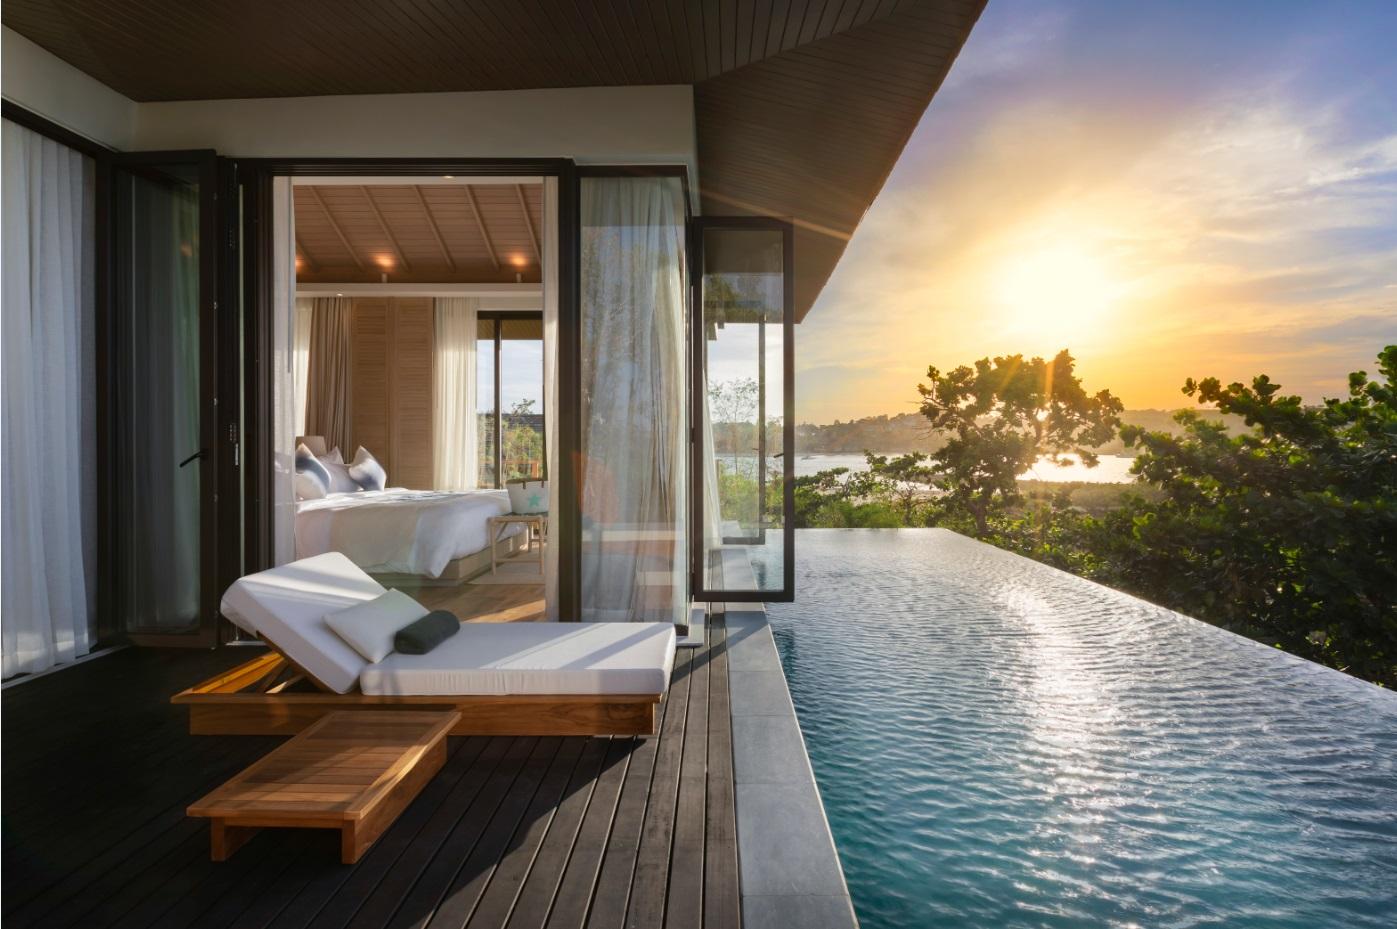 苏梅岛再添奢华泳池别墅度假酒店 私人小岛打造天堂秘境